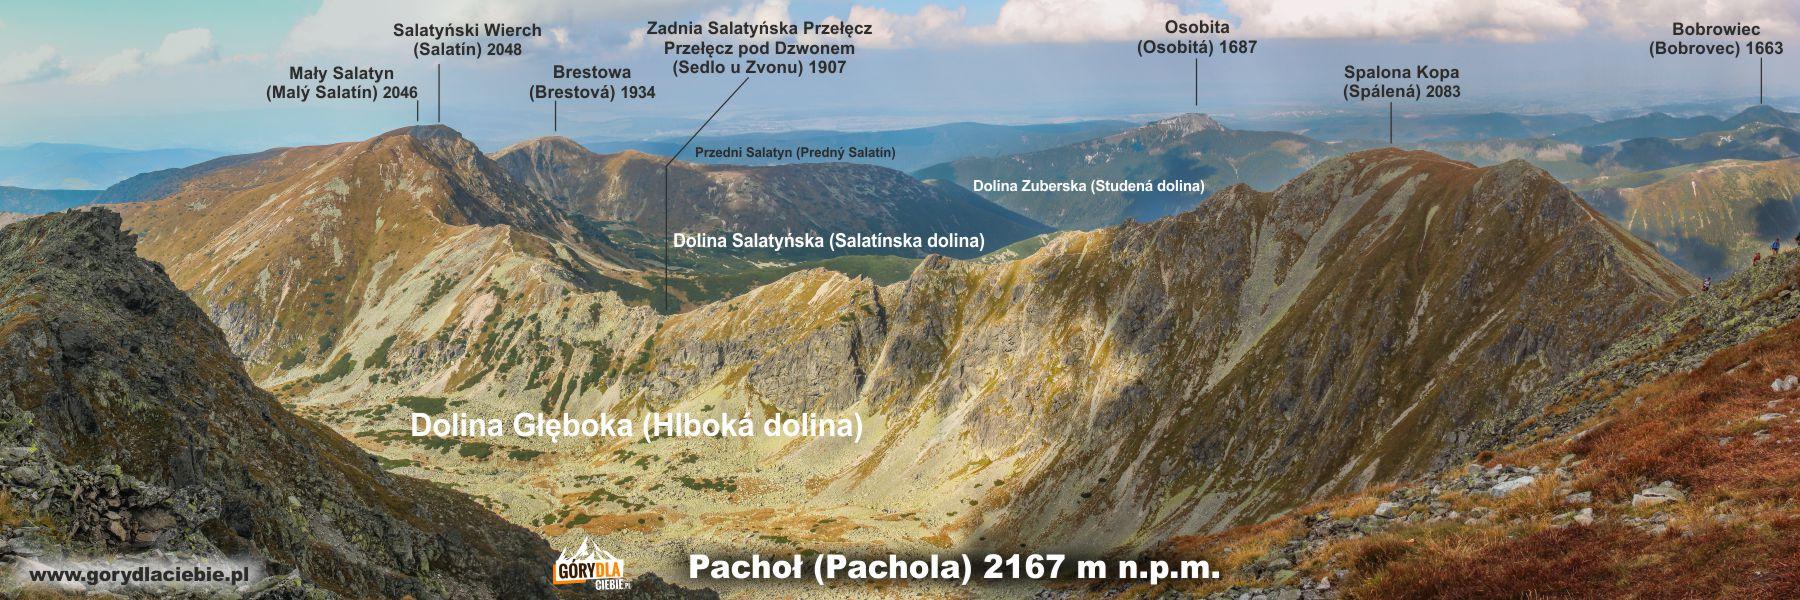 Widok ze szczytu Pachoła (2167 m) na otoczenie Głębokiej Doliny, Spaloną Kopę (2083 m), Szczyty Salatyna (2048 i 2046 m) i Brestową (1934 m)